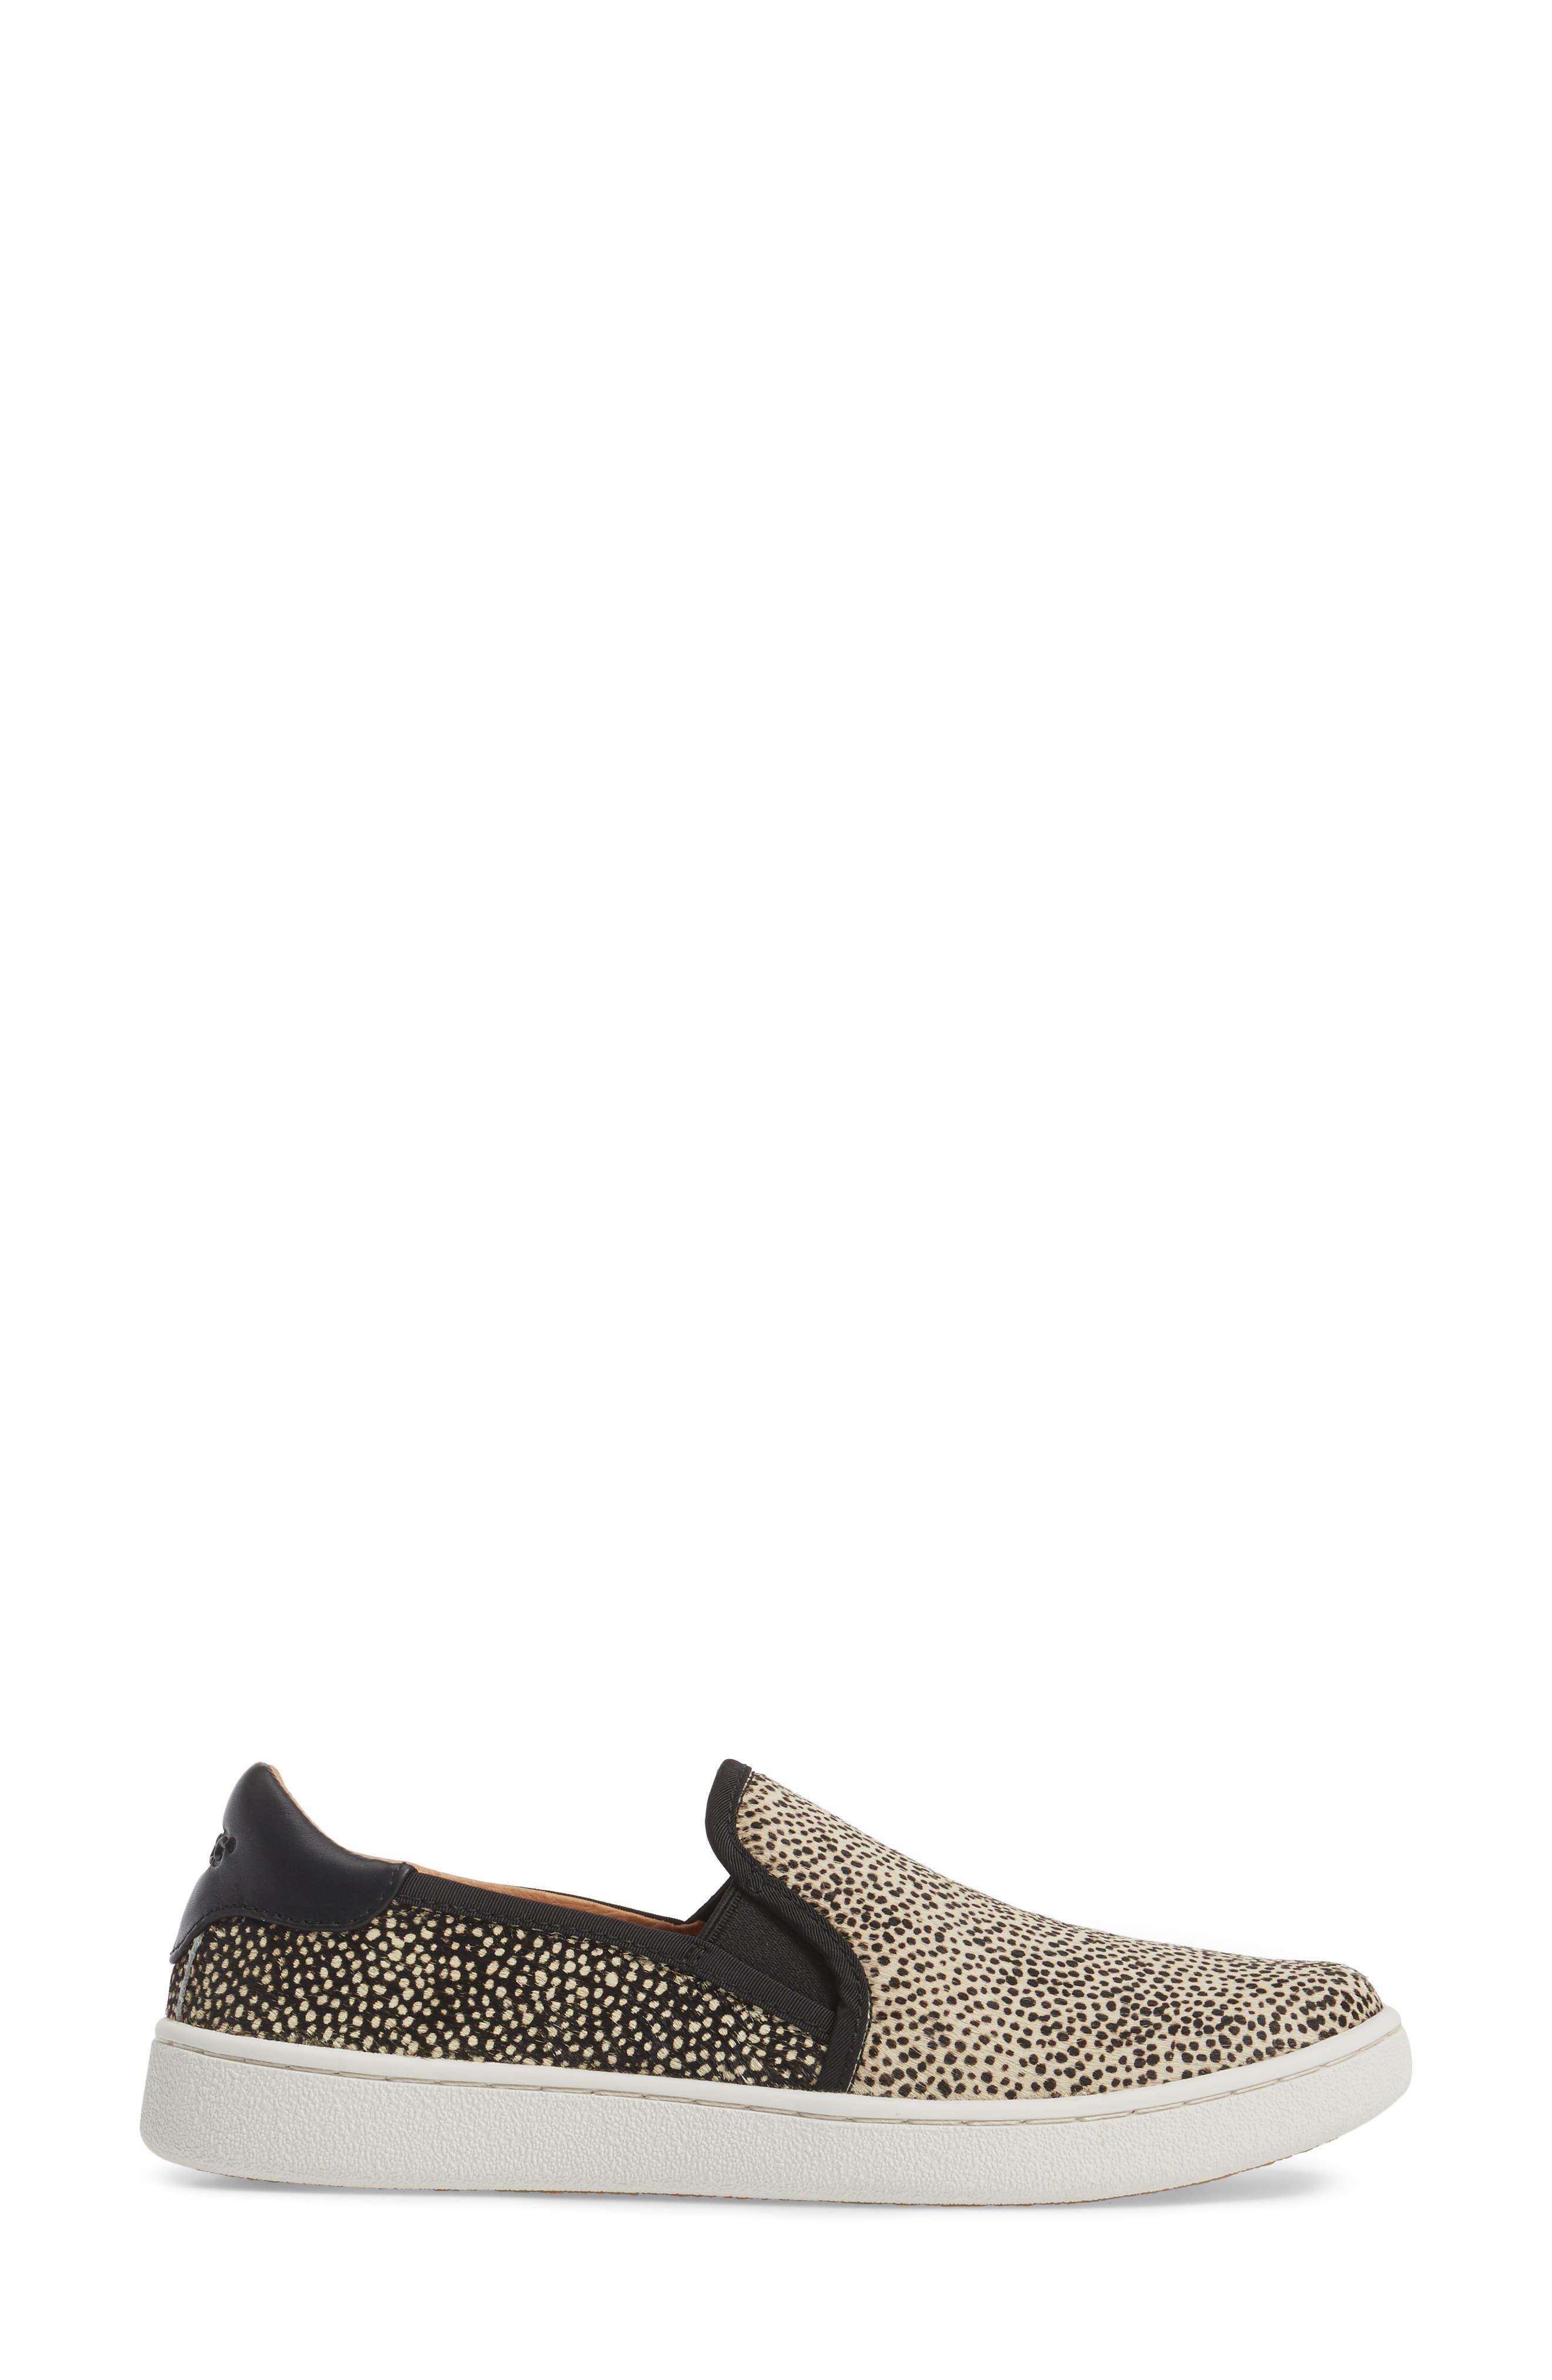 Alternate Image 3  - UGG® Cas Exotic Genuine Calf Hair Slip-On Sneaker (Women)